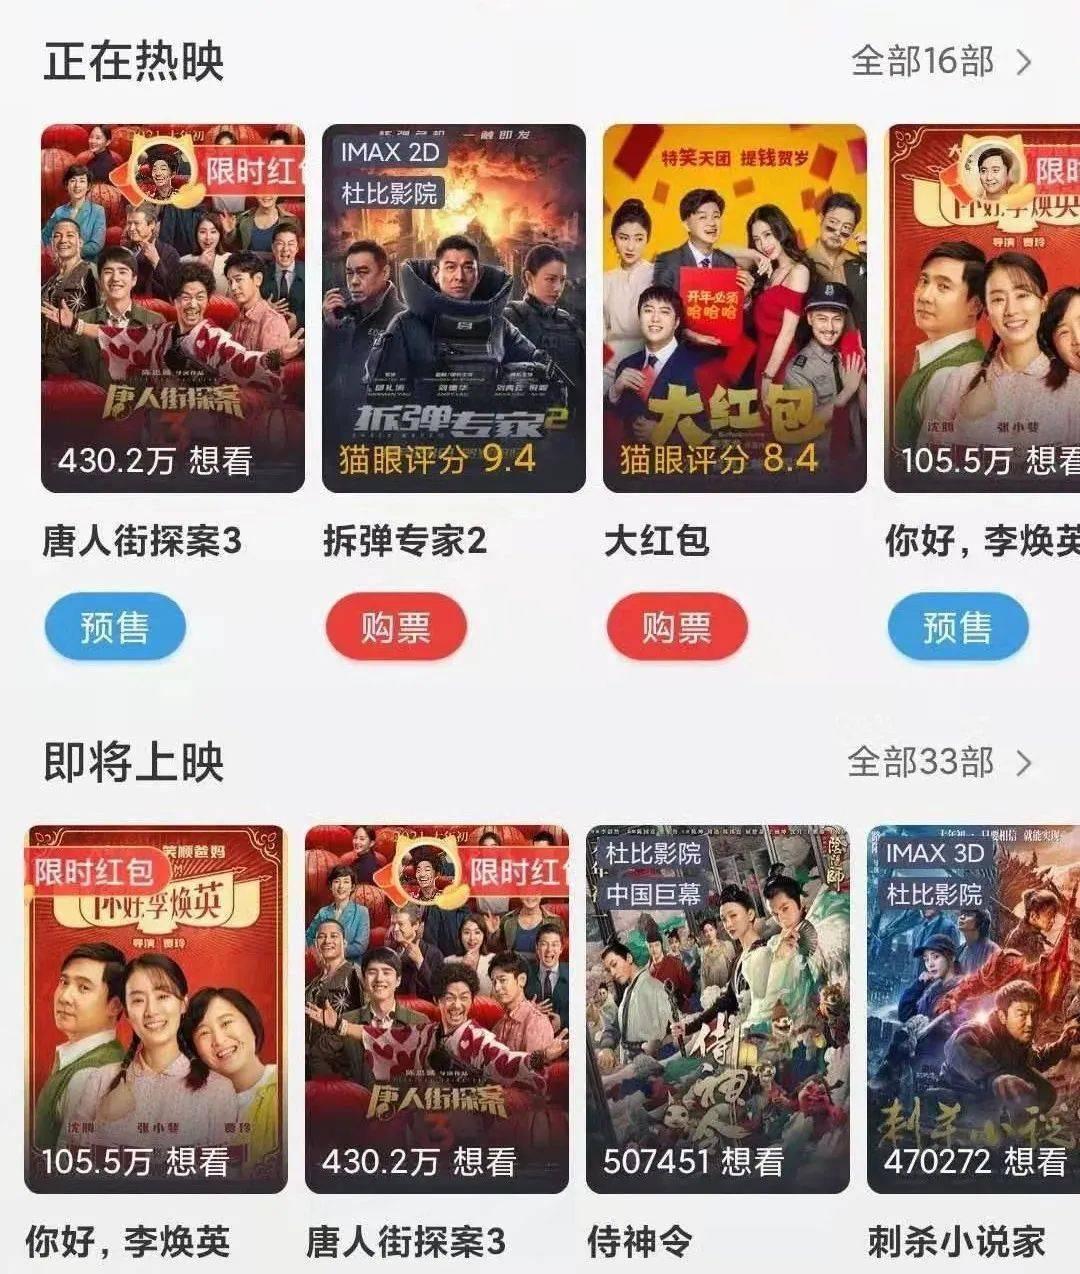 365龙年快乐电影网站 龙年快乐电影手机收藏